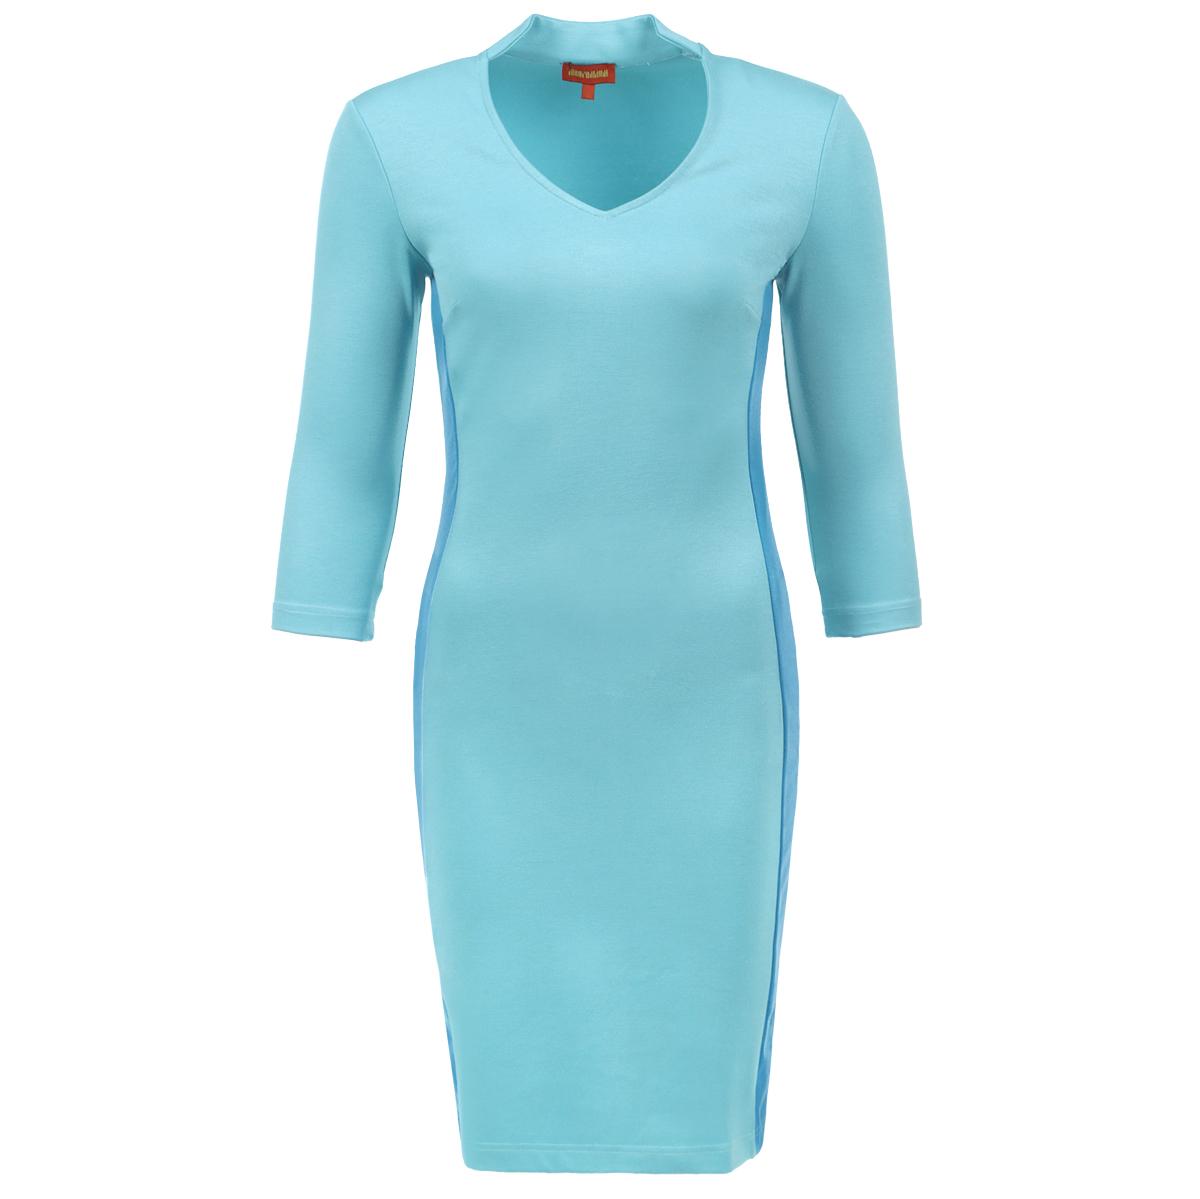 Платье. P60DP60D-BЭффектное платье от Анны Чапман выполнено из плотного трикотажа. Платье-футляр лаконичного дизайна с V-образным вырезом горловины и рукавами 3/4. Модель приталенного кроя, по бокам вертикальные вставки контрастного цвета. Бесподобный силуэт выгодно подчеркнет достоинства фигуры. Элегантное платье – воплощение безупречного вкуса.